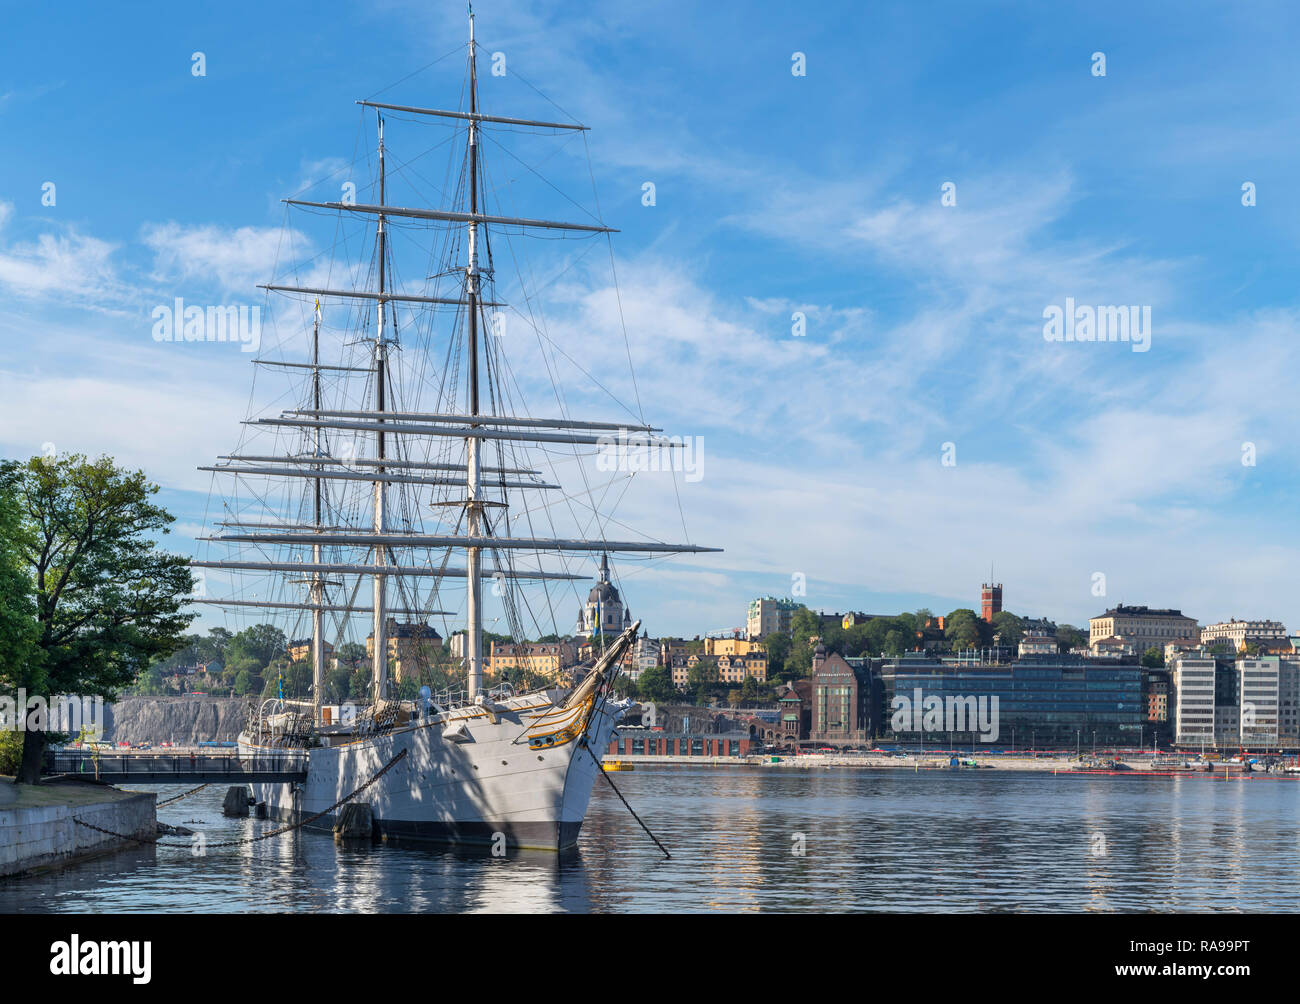 The af Chapman full rigged sailing vessel, now a youth hostel, Skeppsholmen looking towards Stadsholmen, Stockholm, Sweden - Stock Image